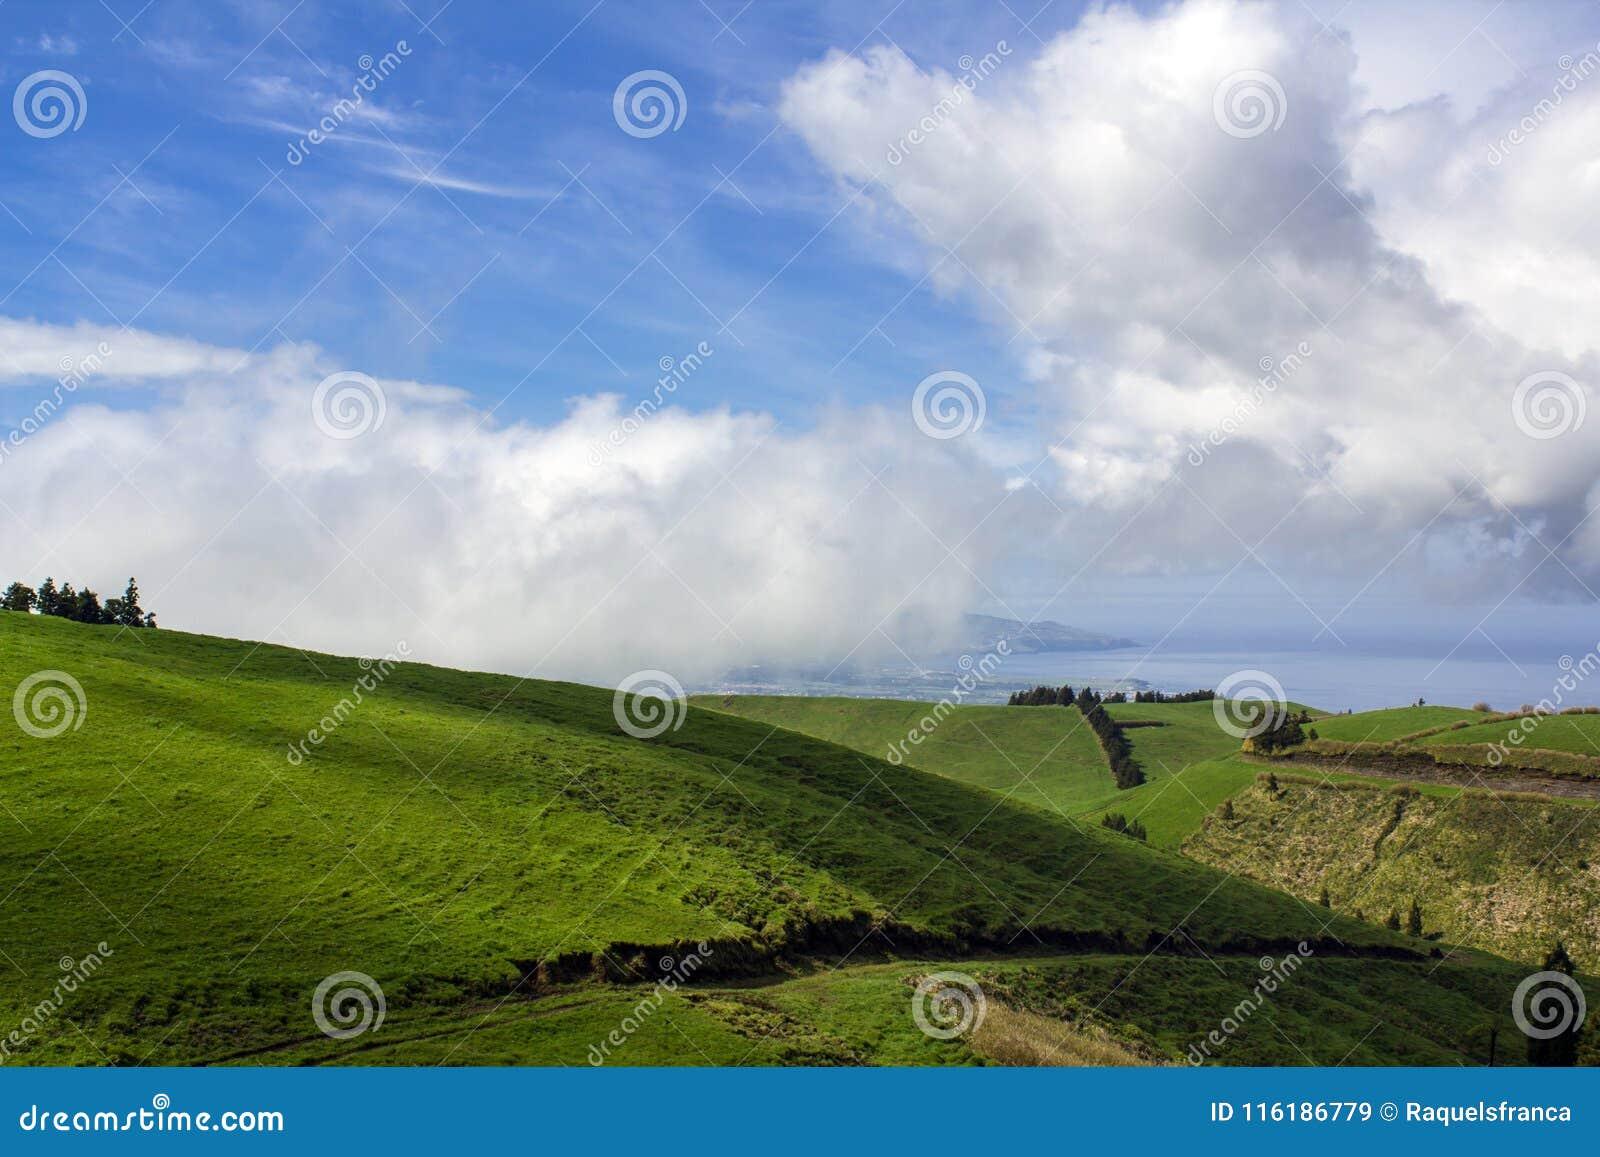 Zielonego wzgórza krajobrazu sceneria z breathtaking widokami nad horyzontem